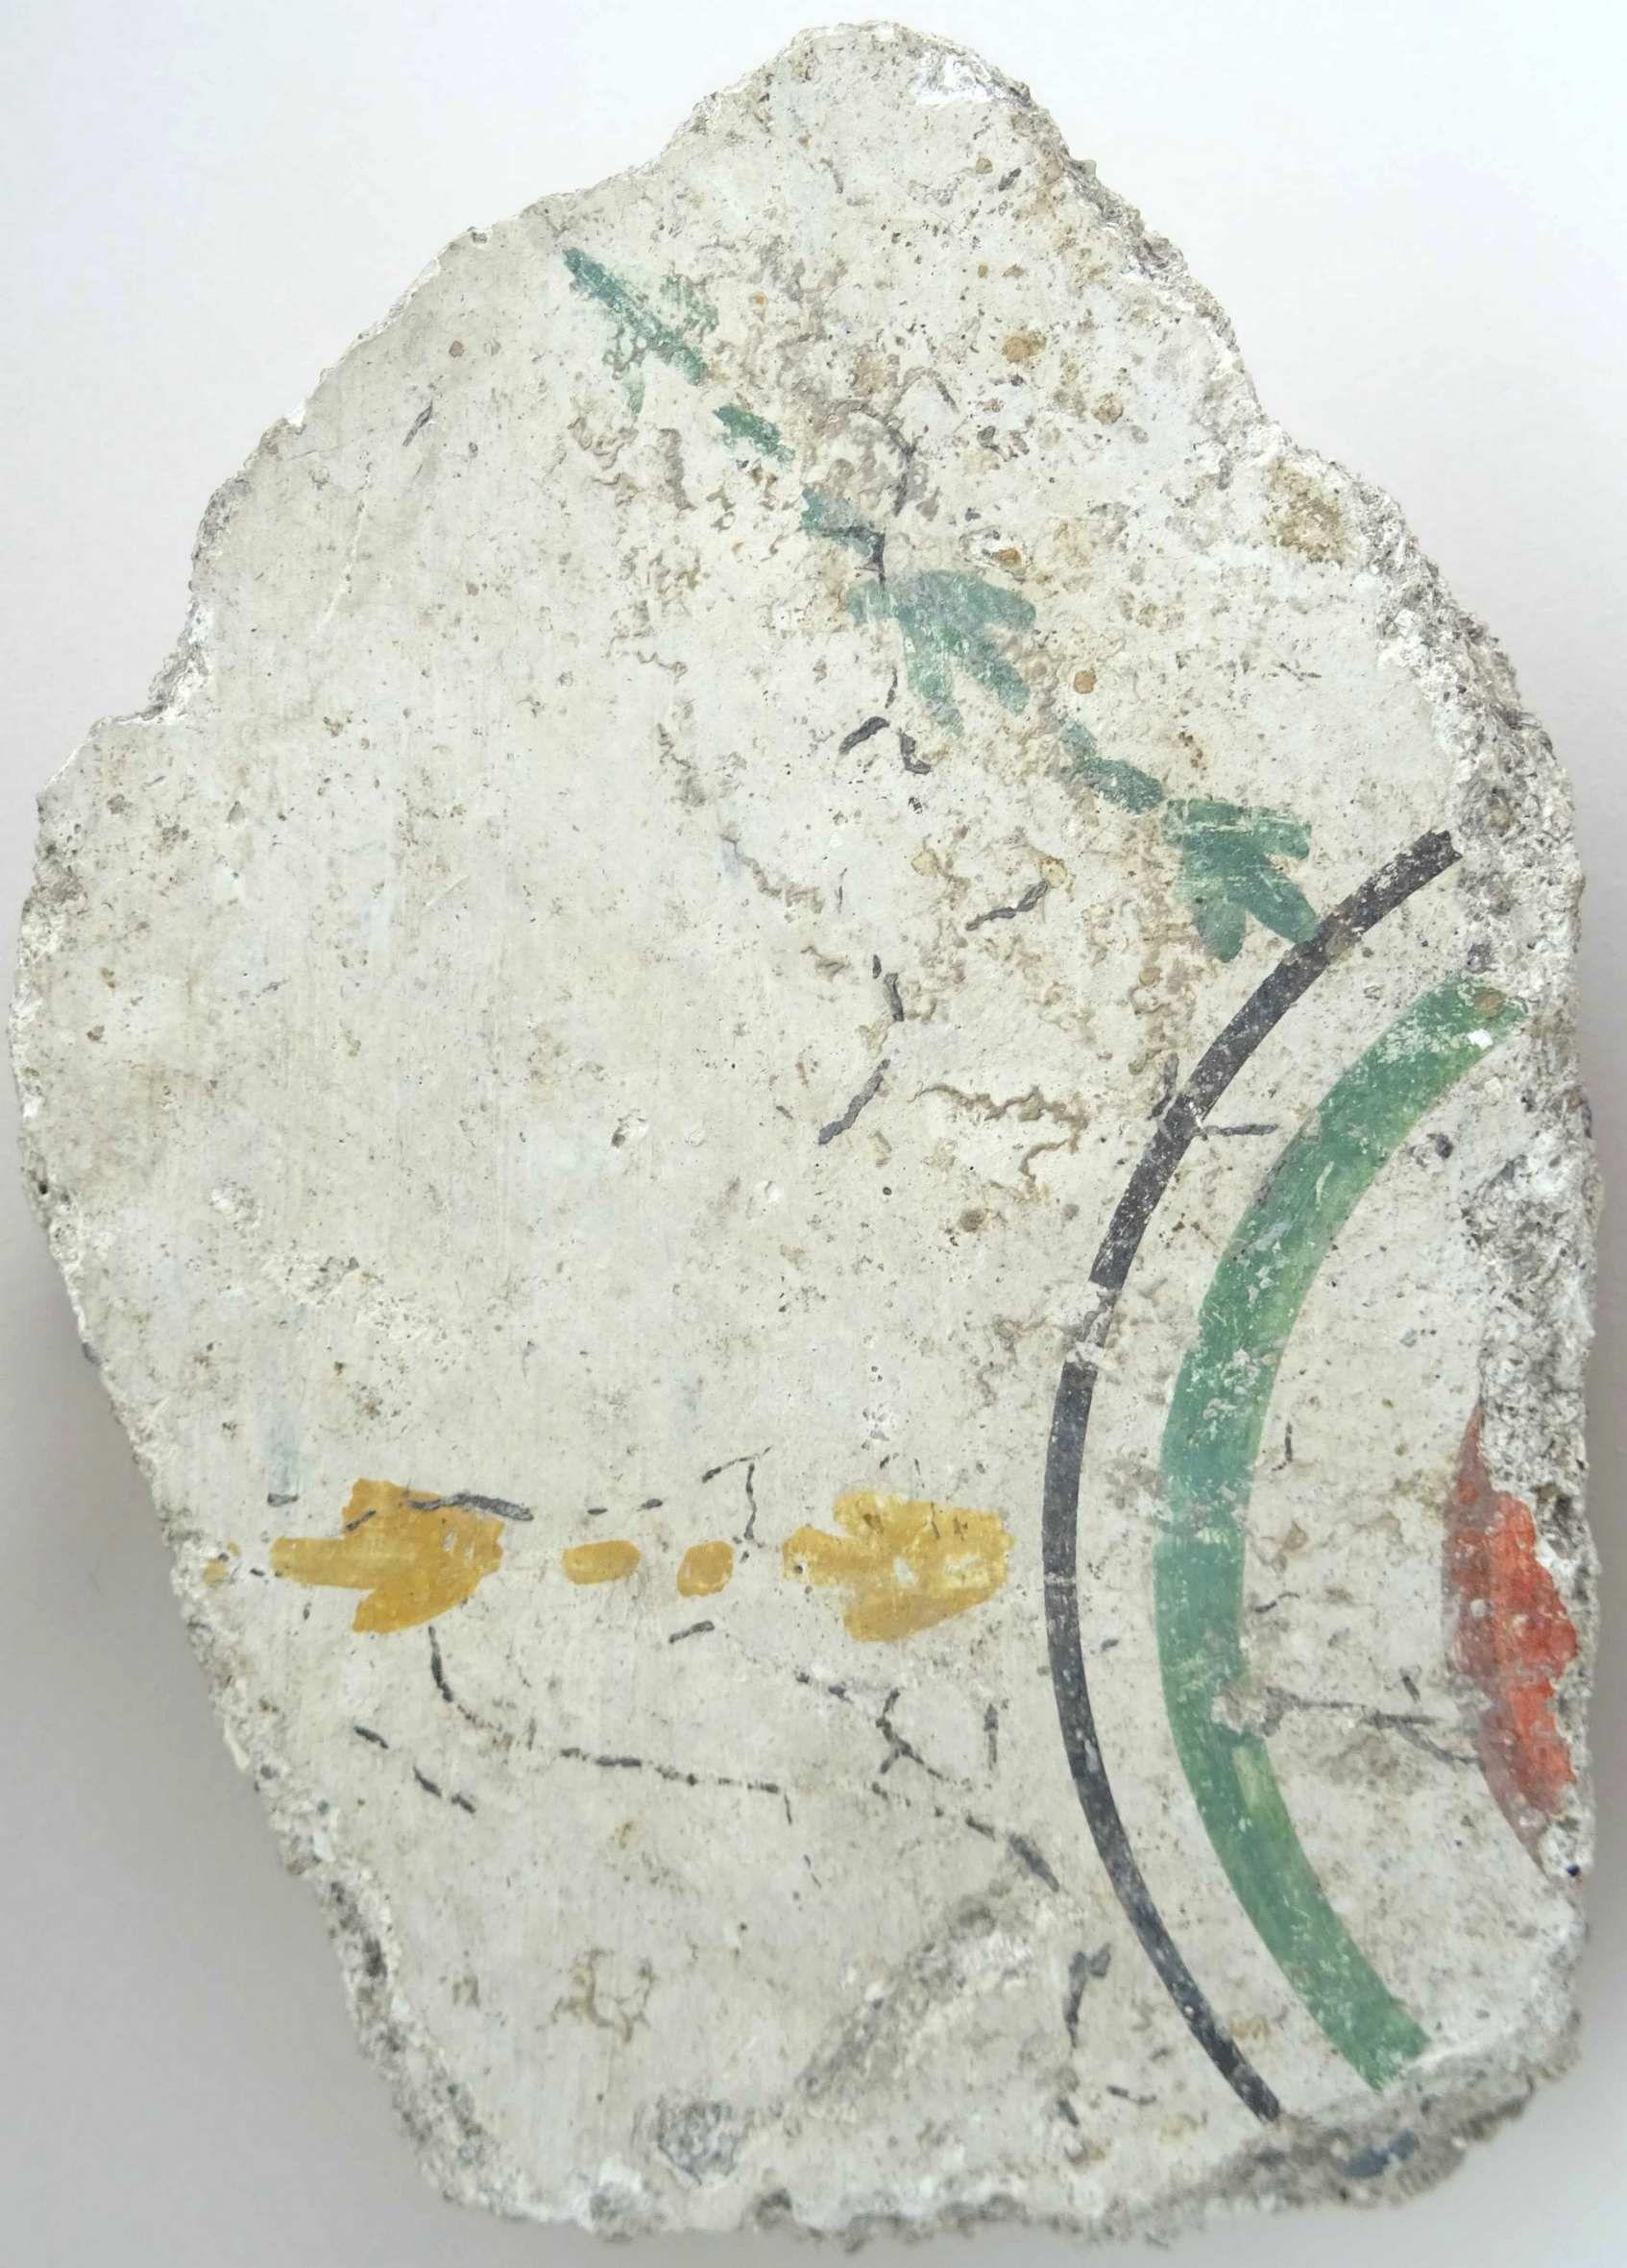 Romeinse muurschildering met behangpatroon uit Aardenburg (SCEZ).